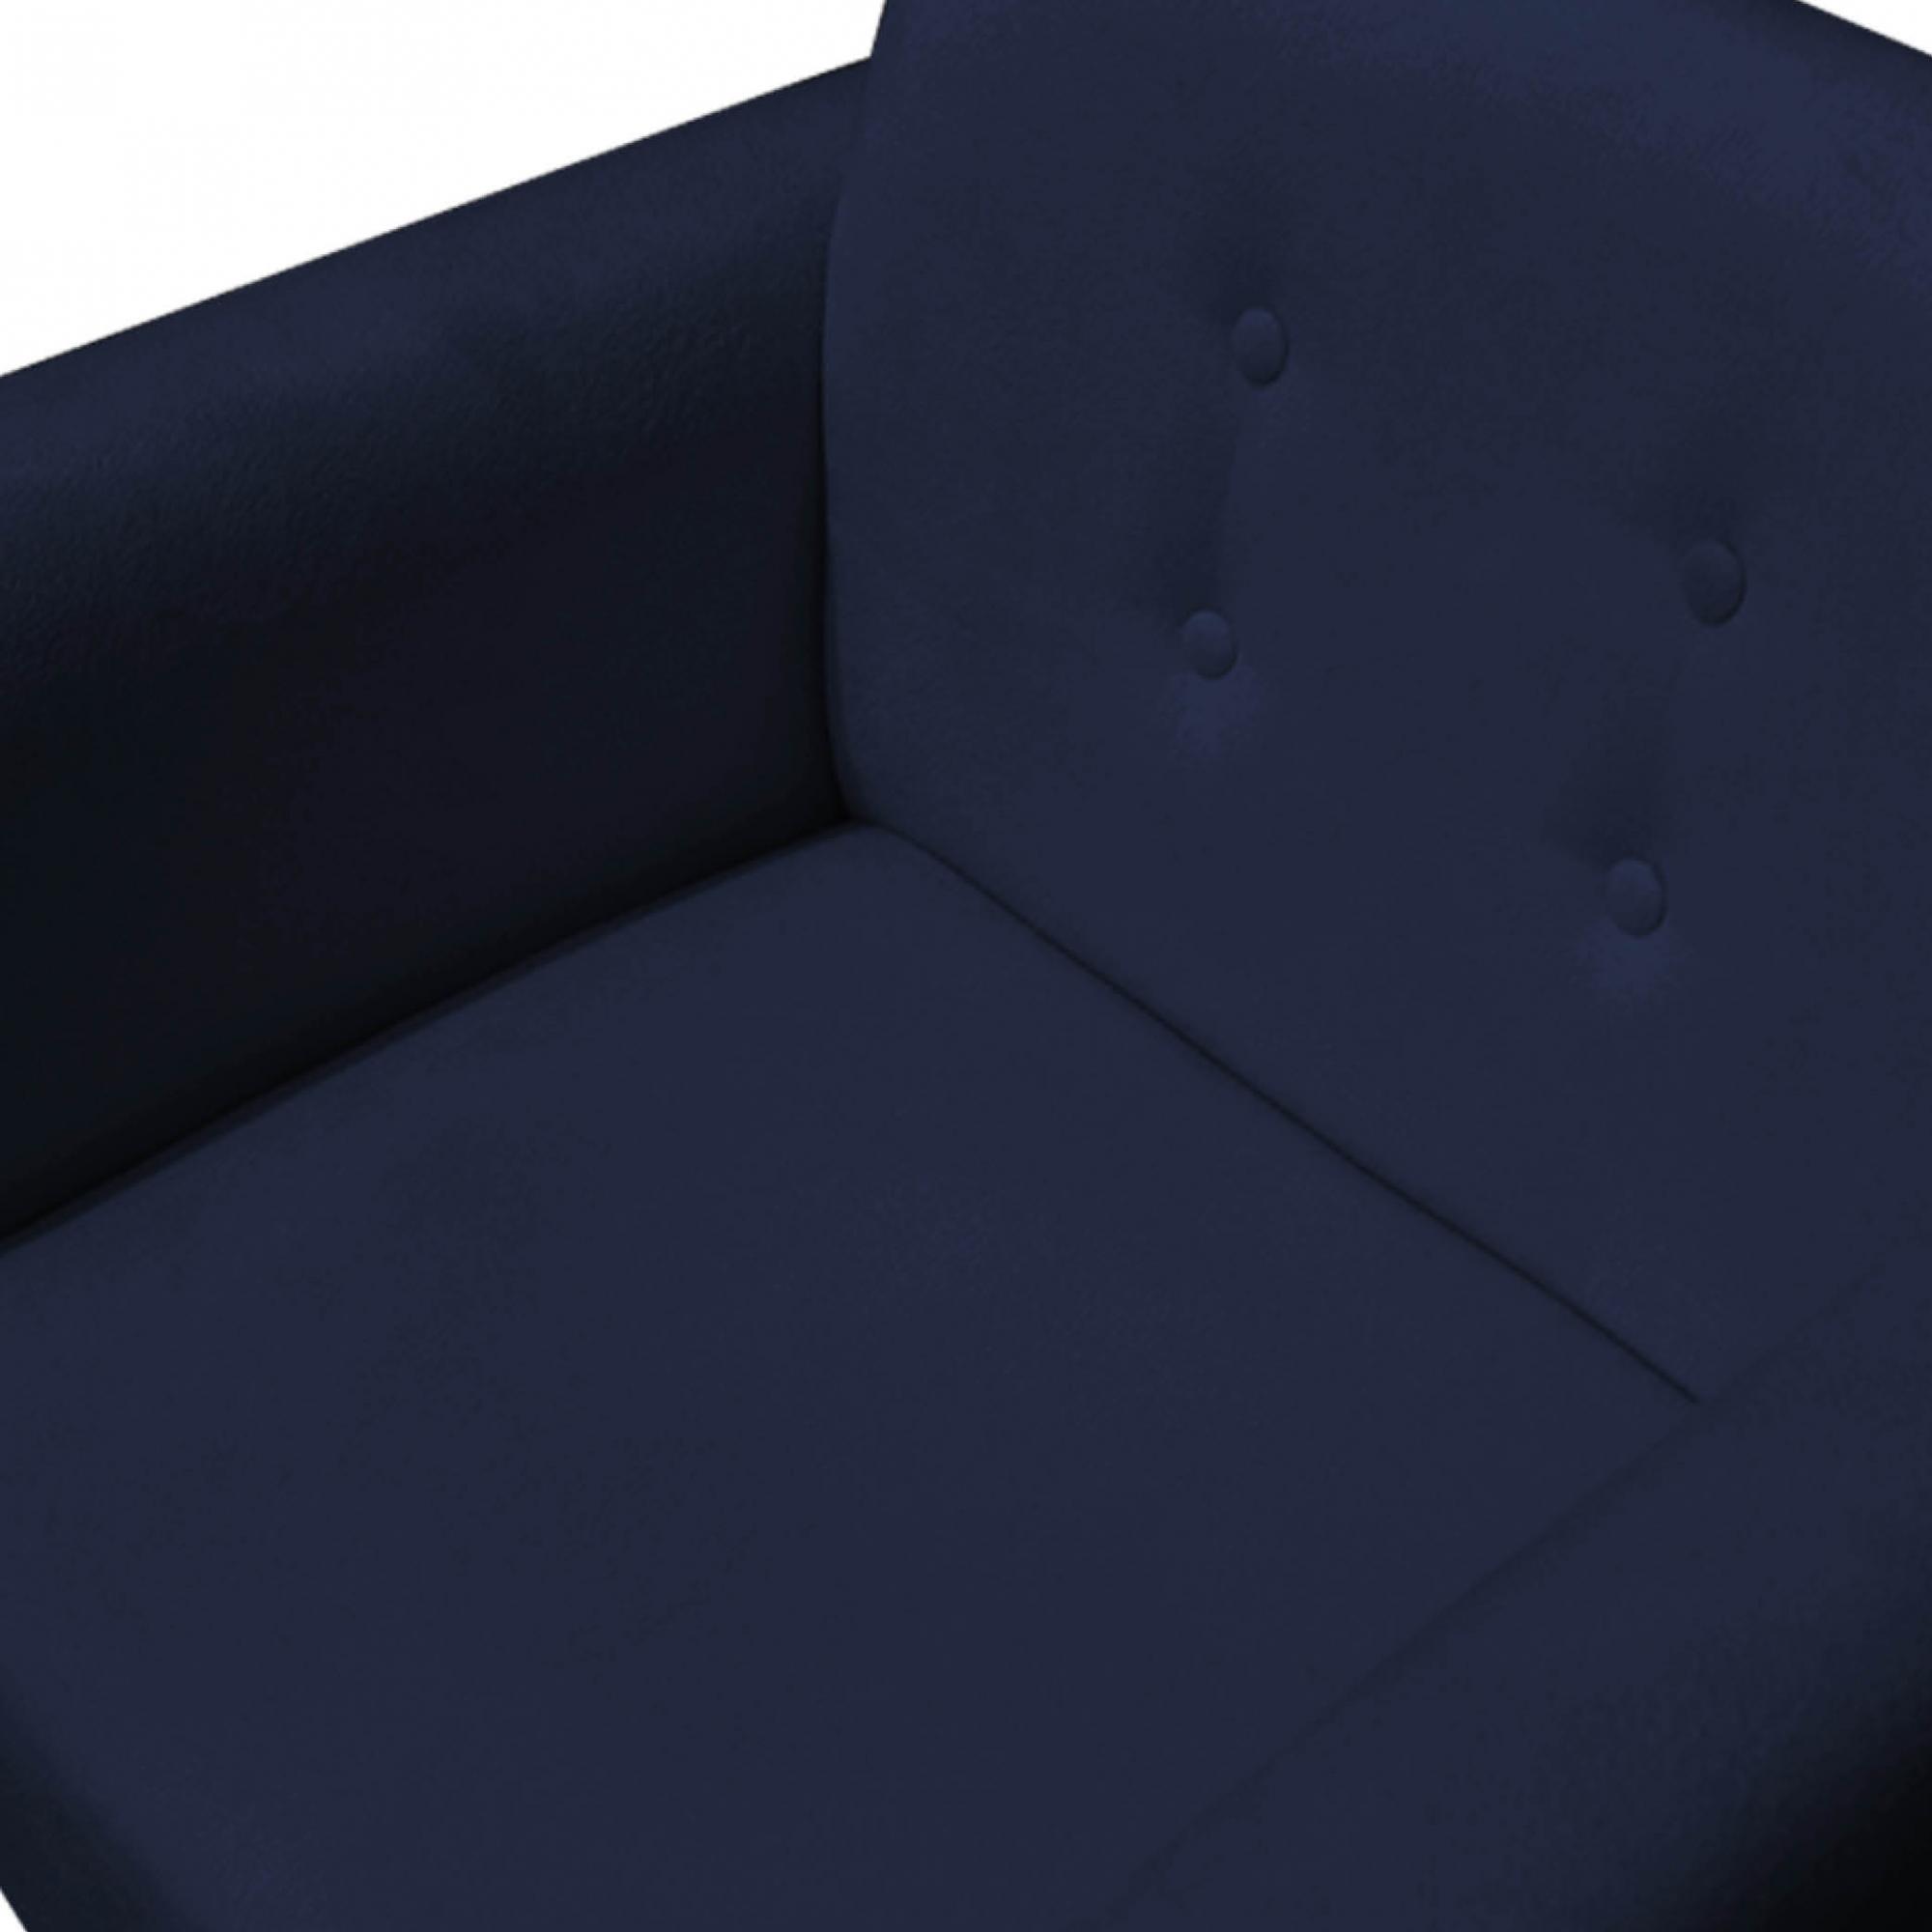 Kit Namoradeira + 2 Poltrona Duda Sofá Decoração Clínica Recepção Escritório Sala Estar D'Classe Decor Suede A Marinho